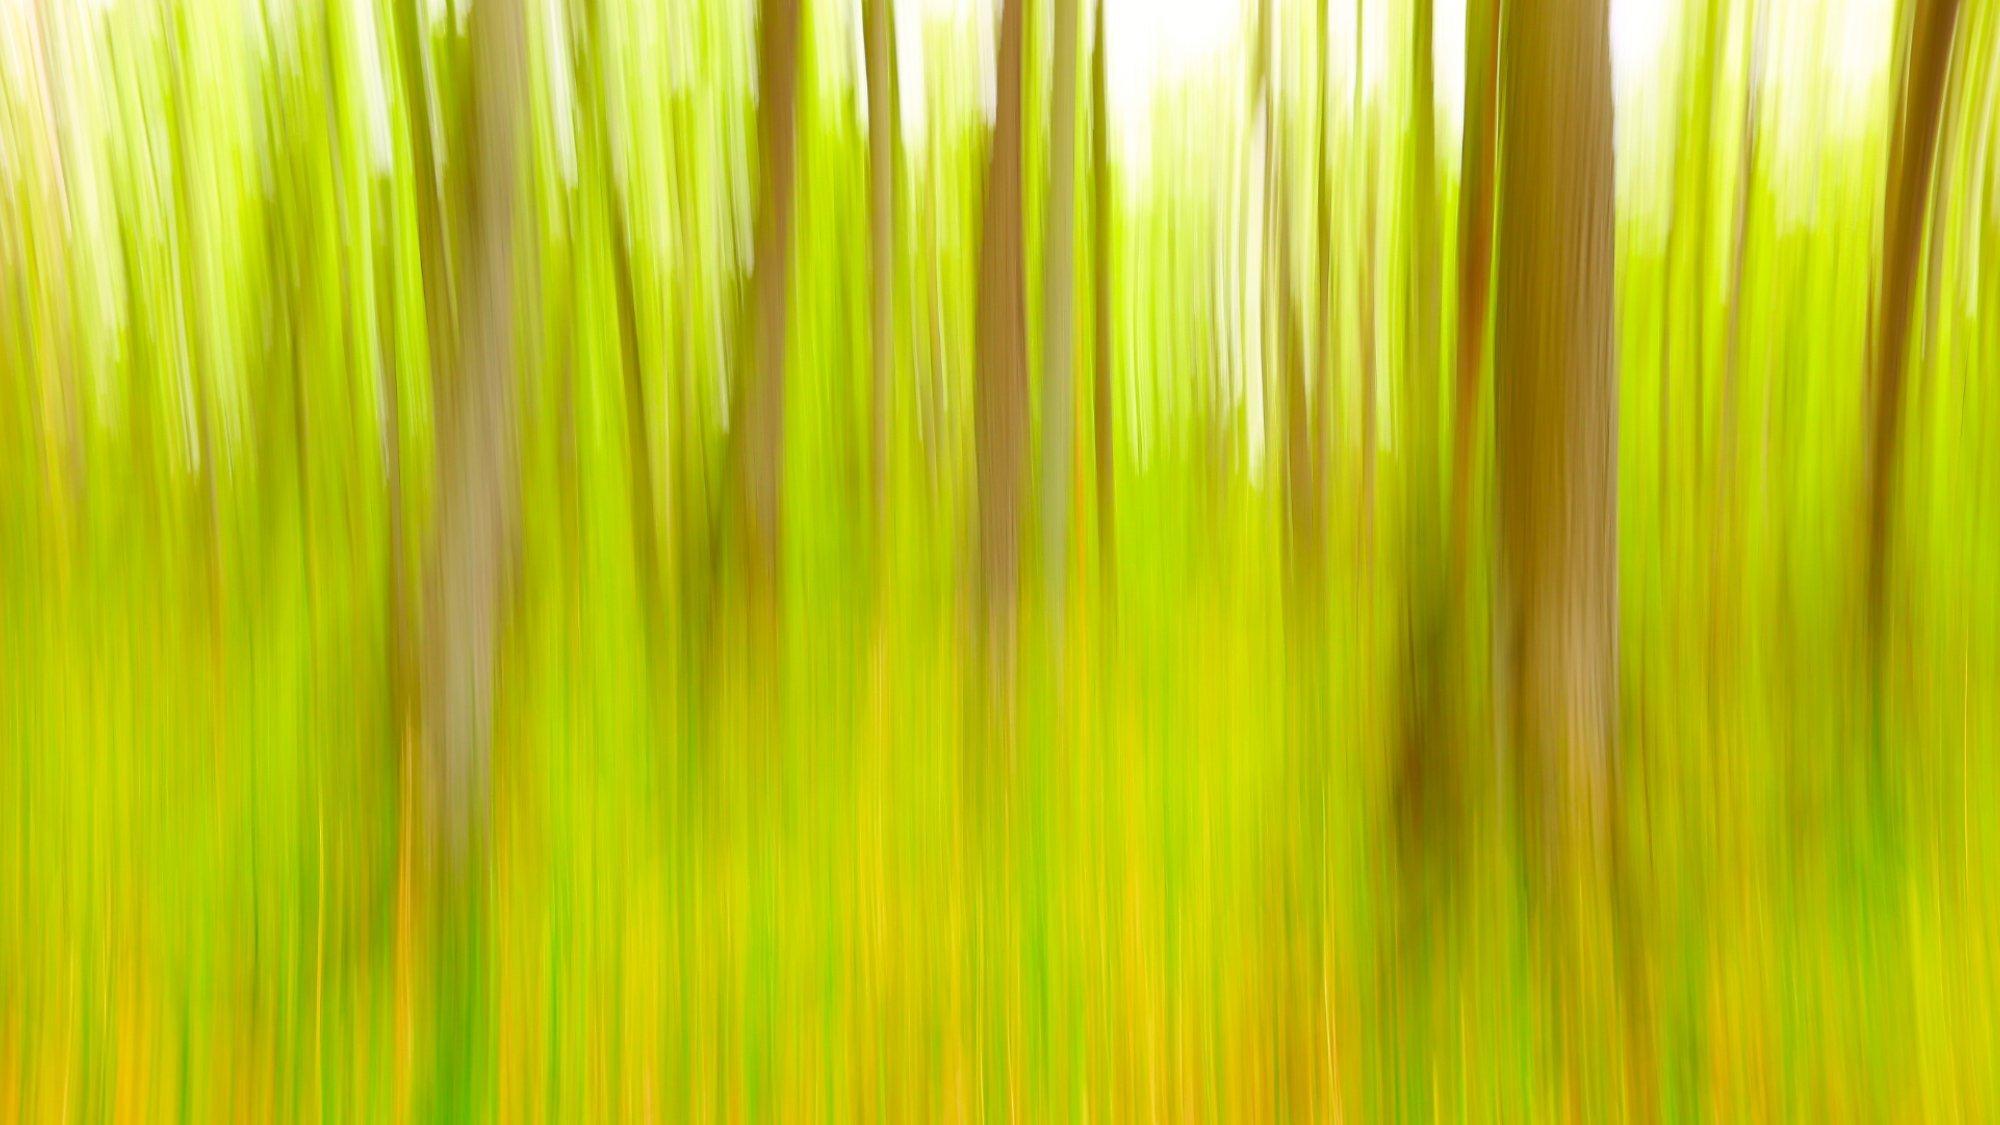 Ein Erlenbruch in abstrakter Fotografie, hellgrün leuchtend